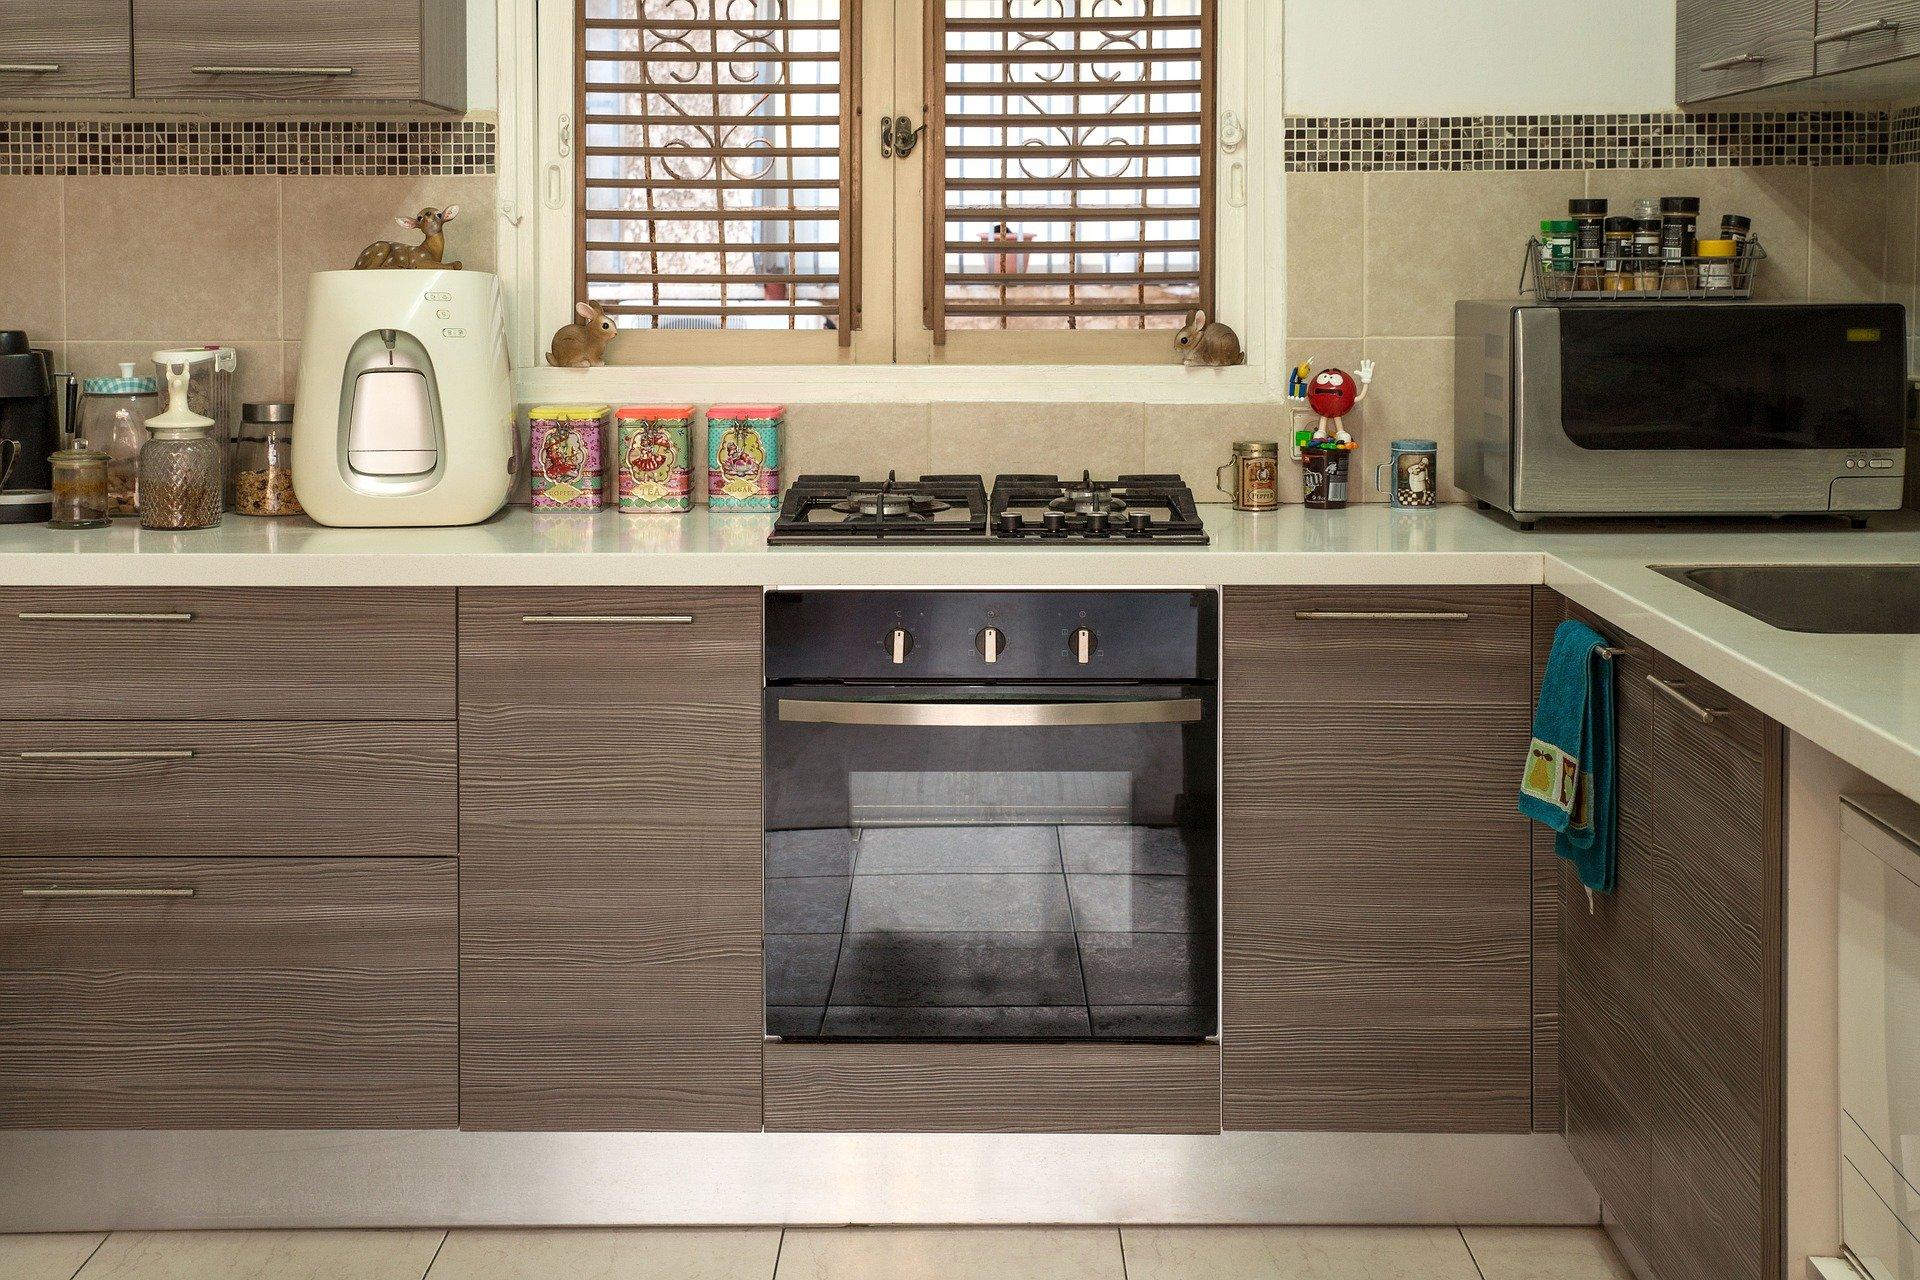 kitchen-1756631_1920